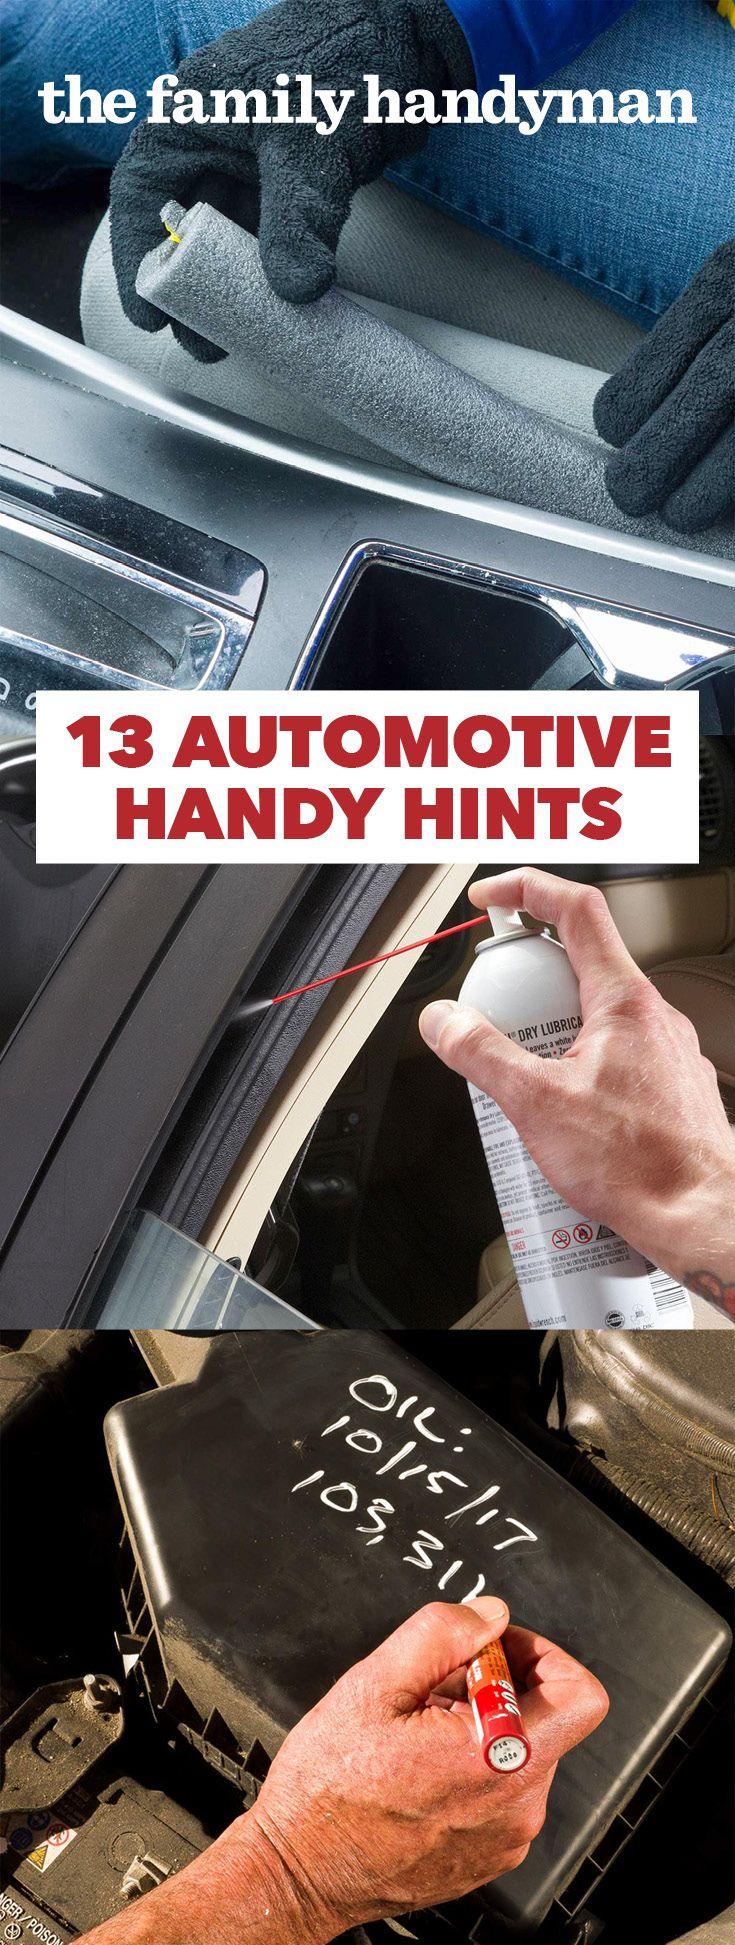 12 Automotive Handy Hints Automotive Car Cleaning